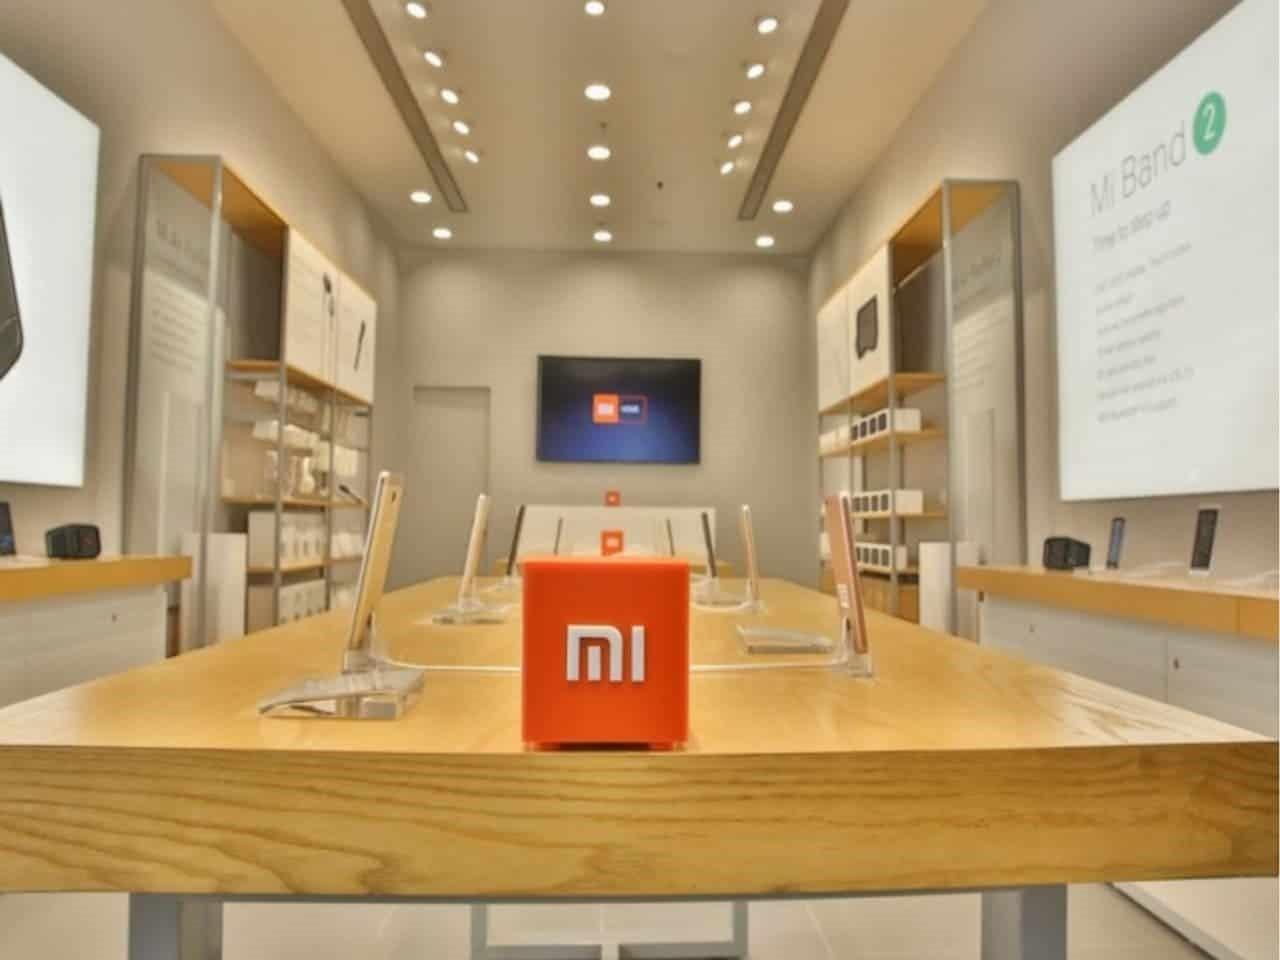 شیائومی تبدیل به رهبر بازار تلفن های هوشمند در منطقه ای دیگر می شود - چیکاو